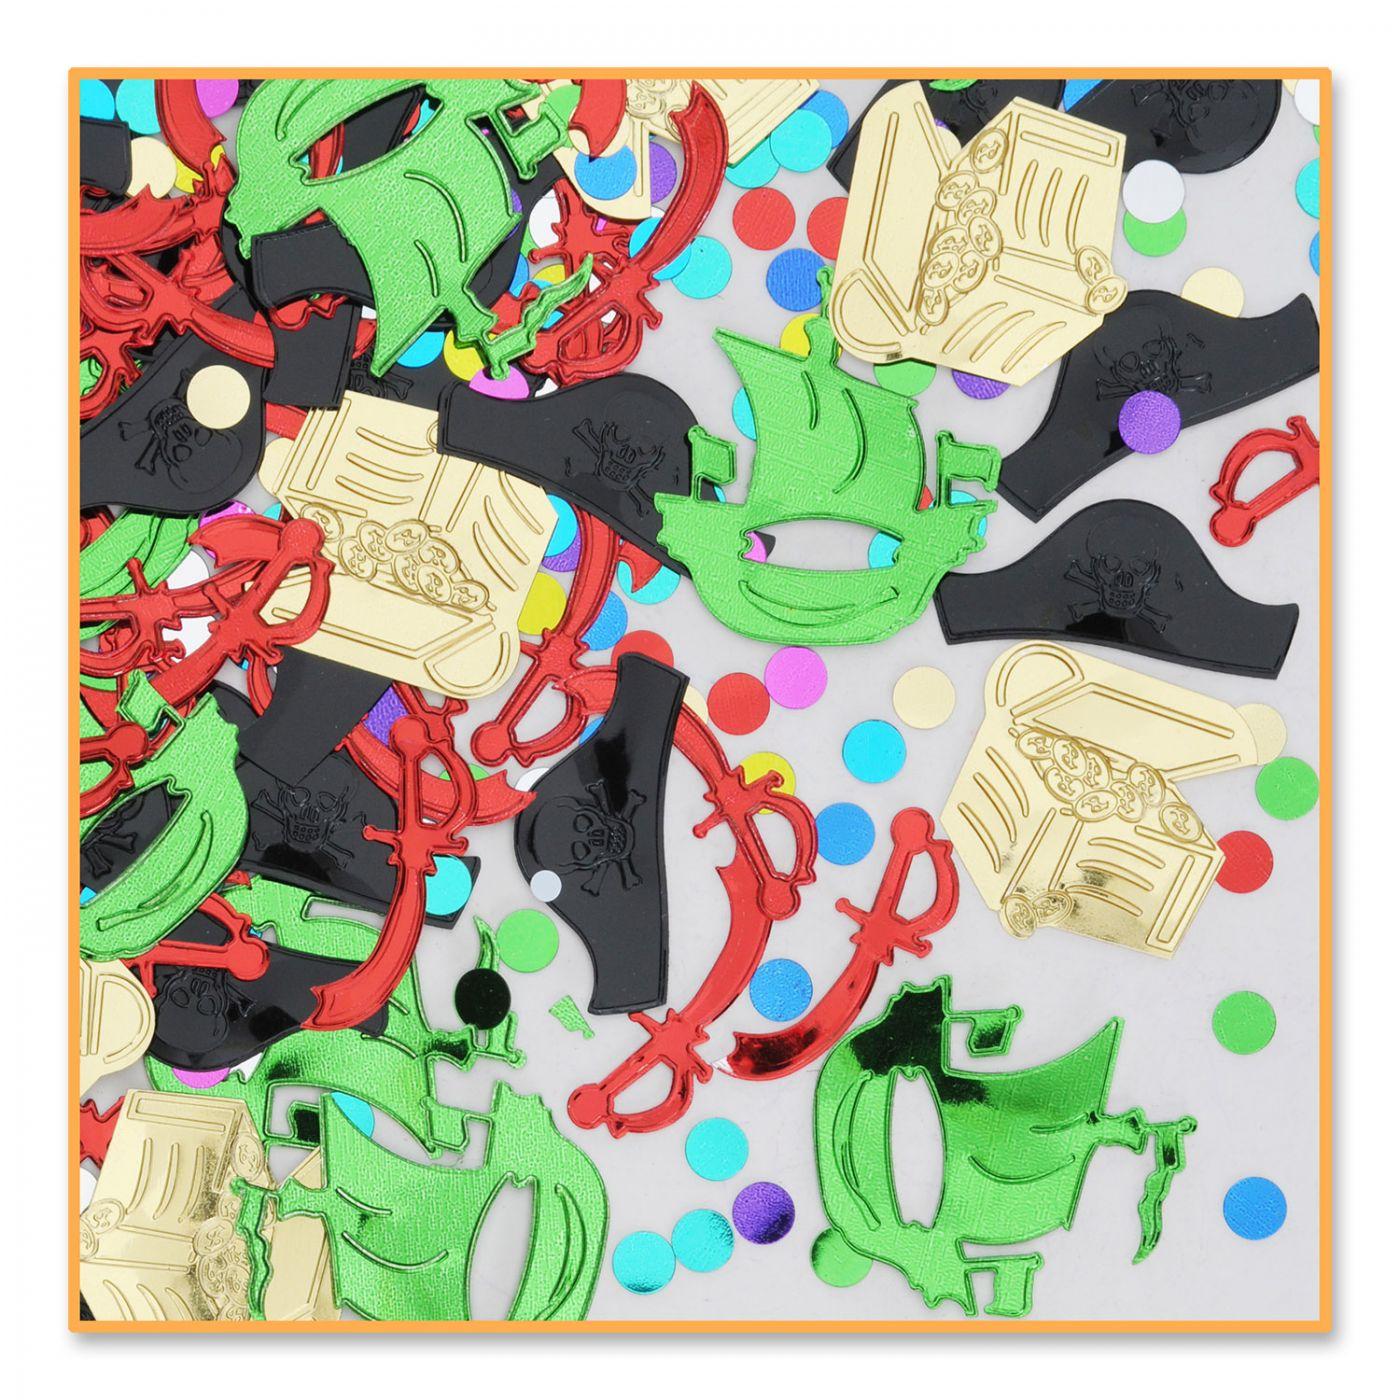 Pirate Party Confetti (6) image